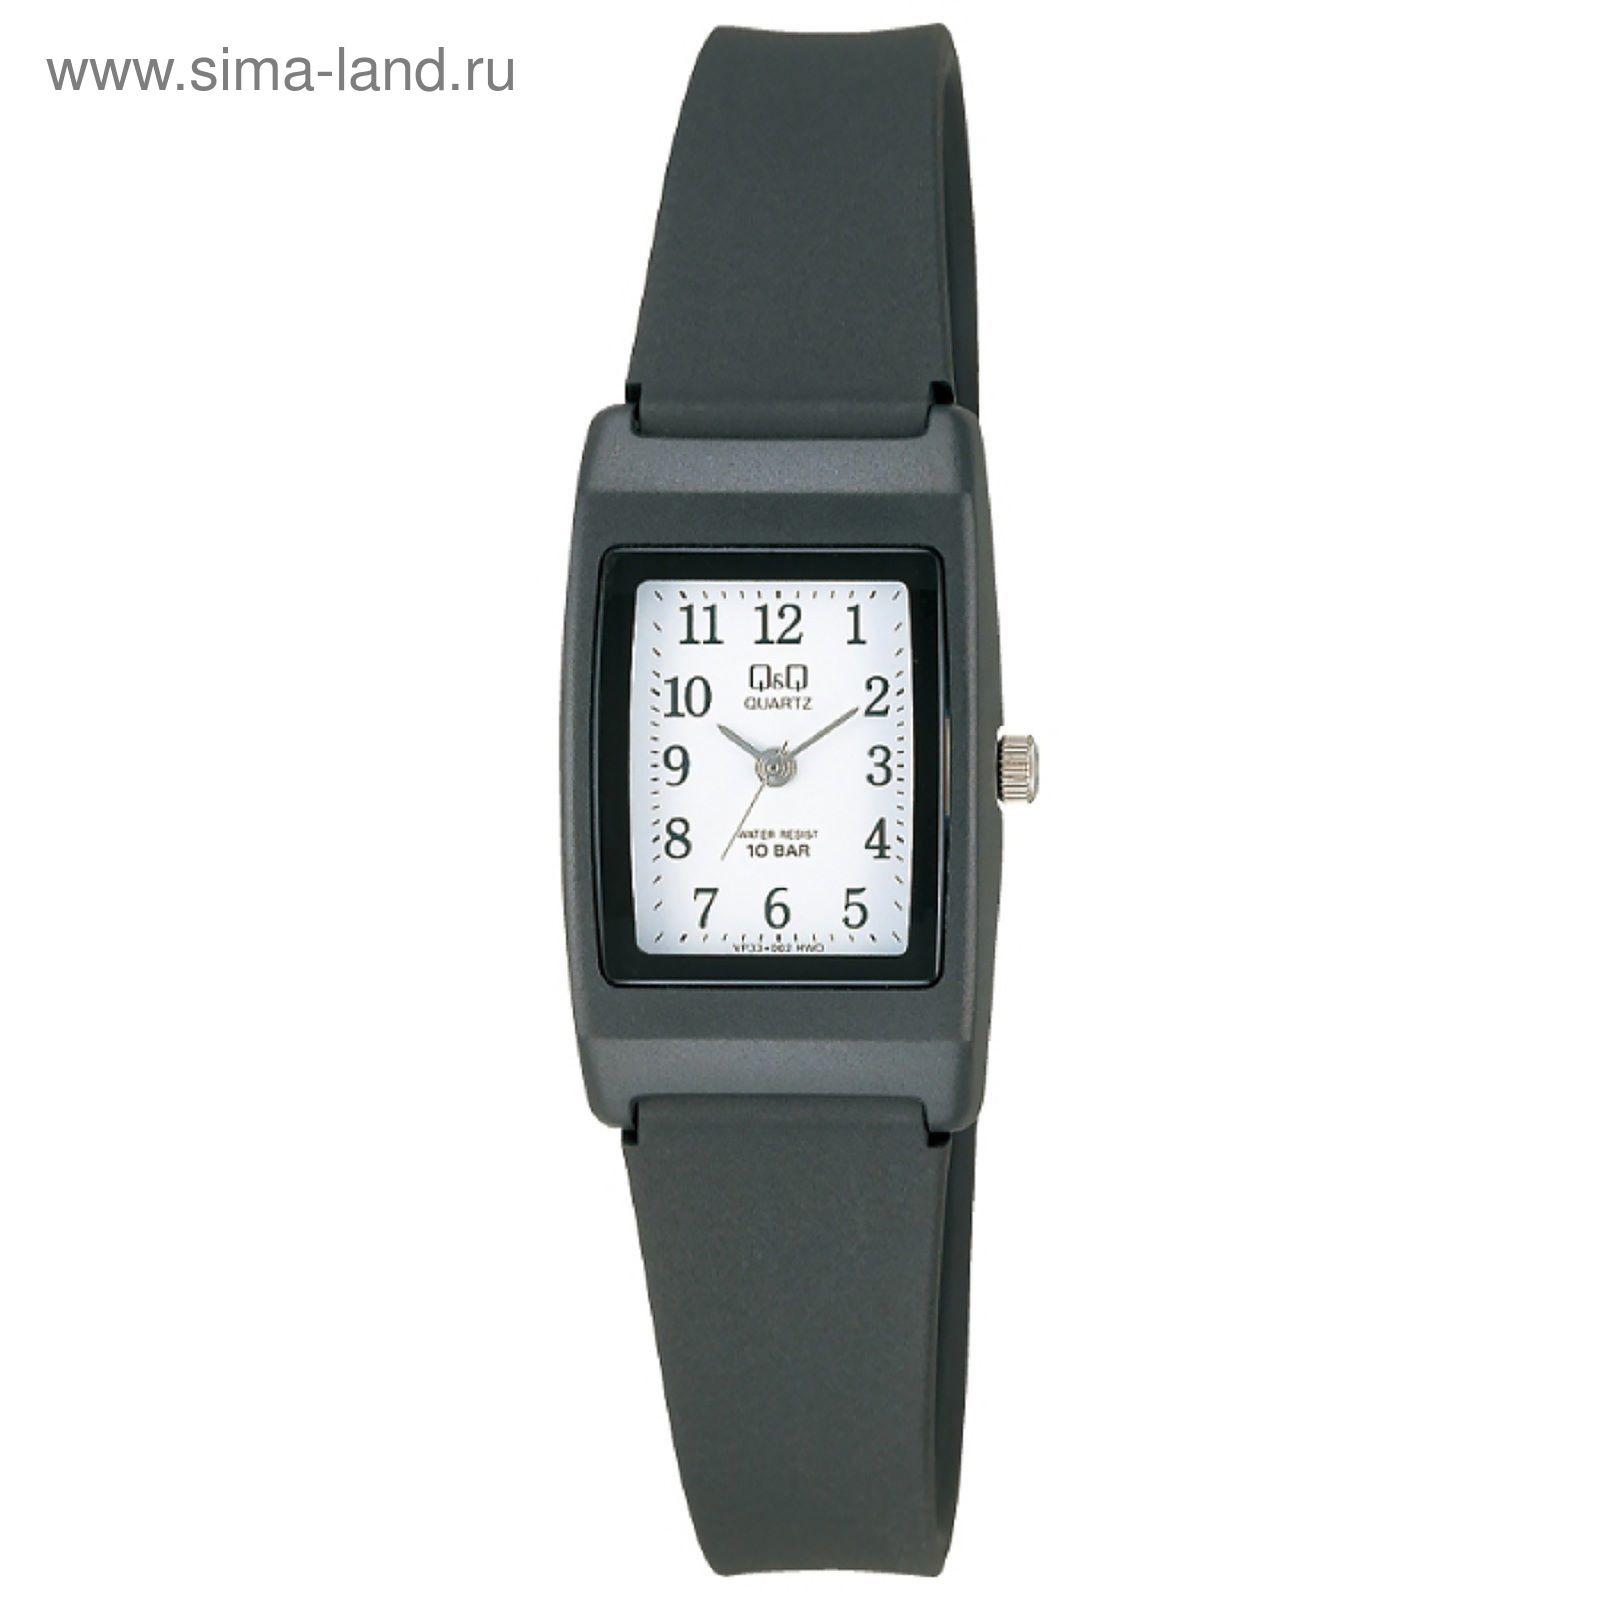 41ad71fb Часы наручные женские Q&Q VP33-002 (1589490) - Купить по цене от ...